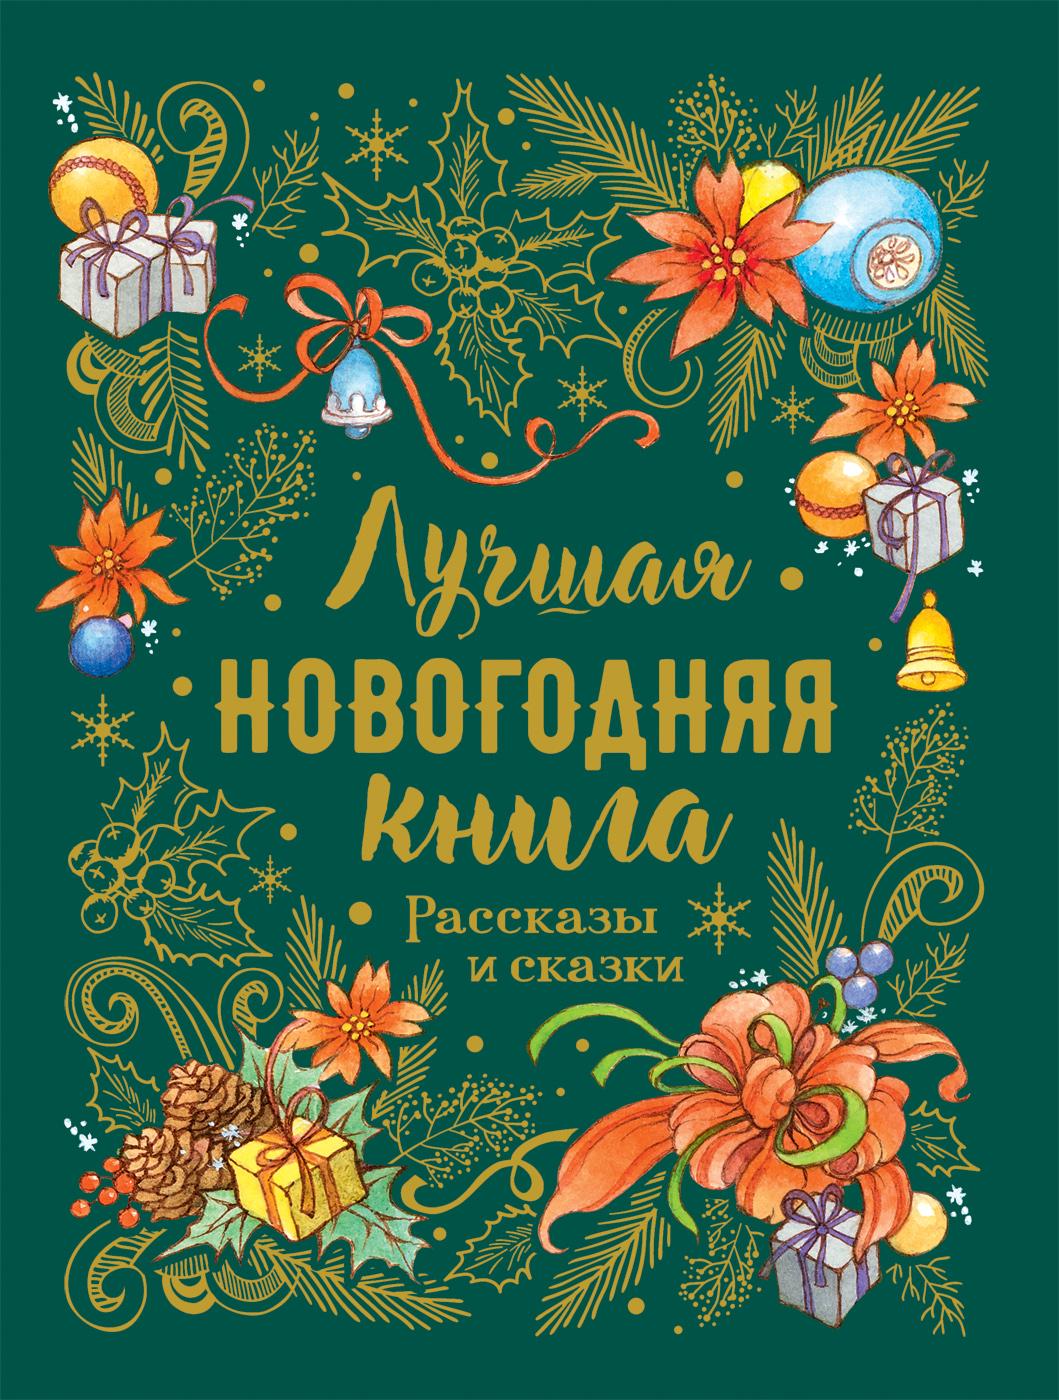 Gogol N., Bazhov P., Leskov N, Shmelev I. Luchshaja novogodnjaja kniga. Rasskazy i skazki